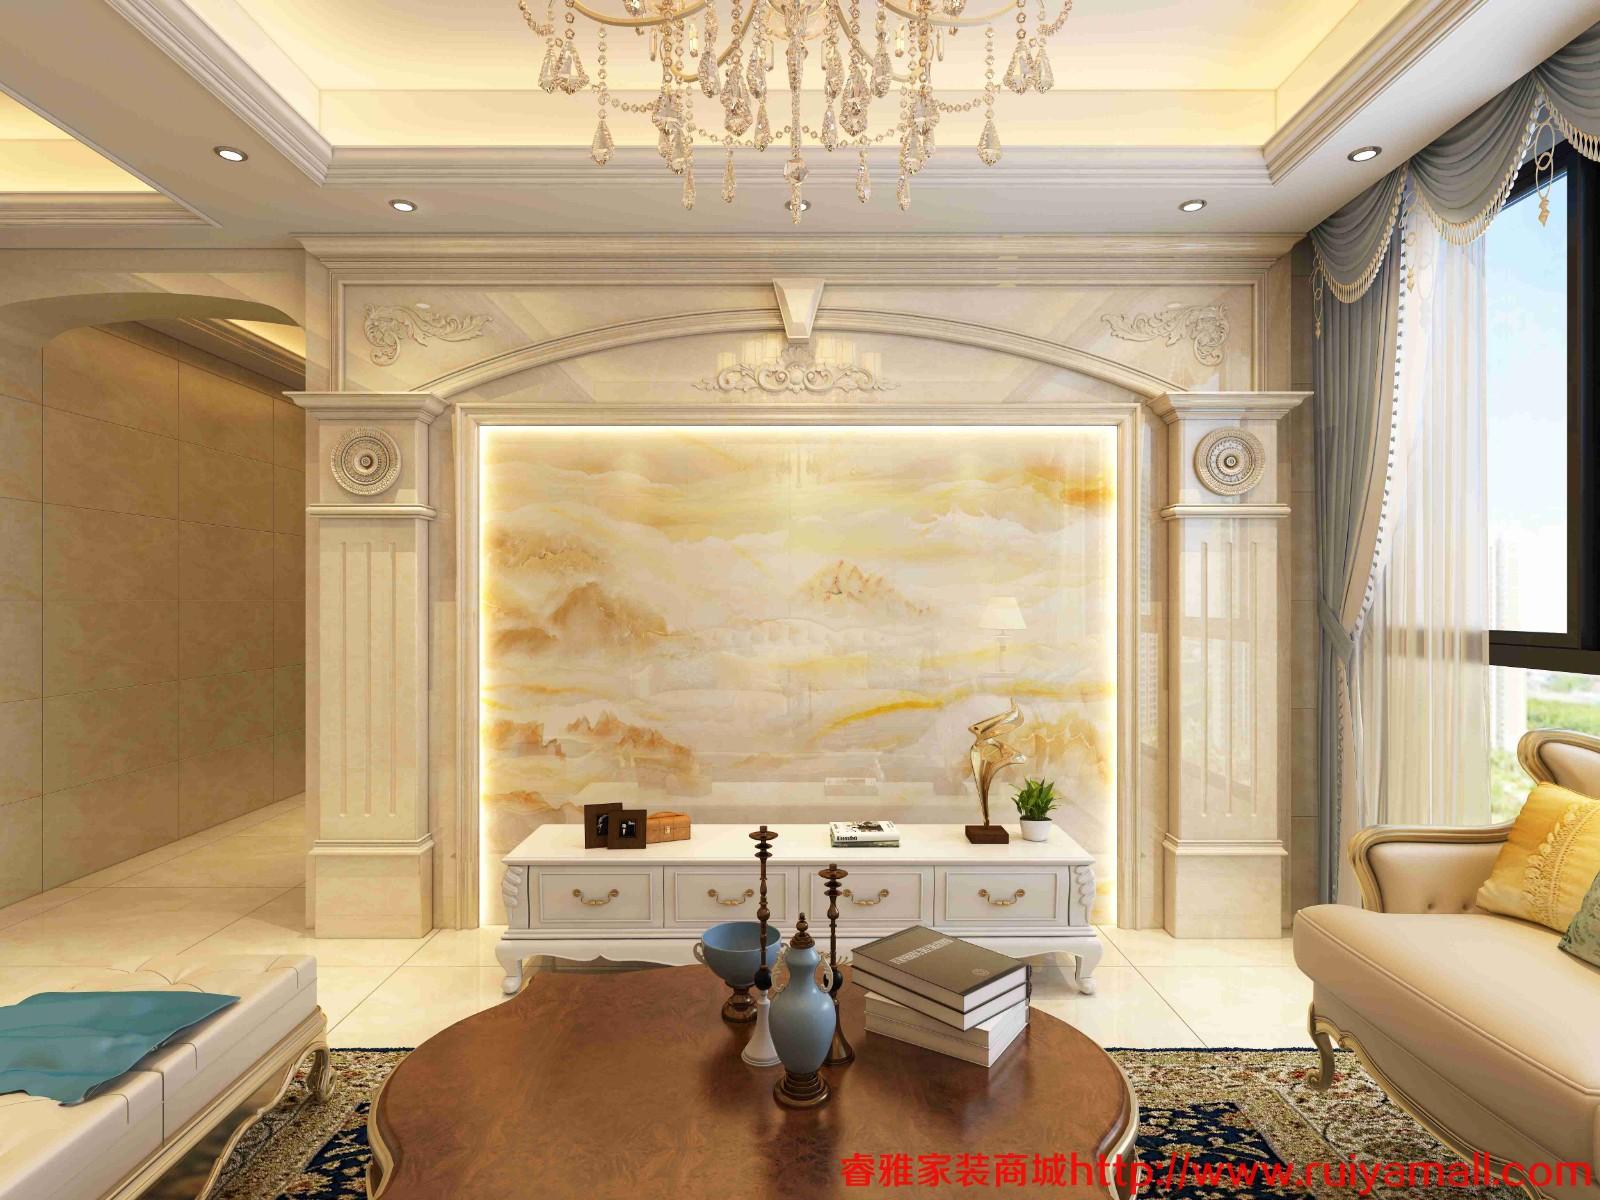 電視背景墻瓷磚現代簡約客廳3D微晶石石材邊框裝飾造型石材護墻板-套餐8